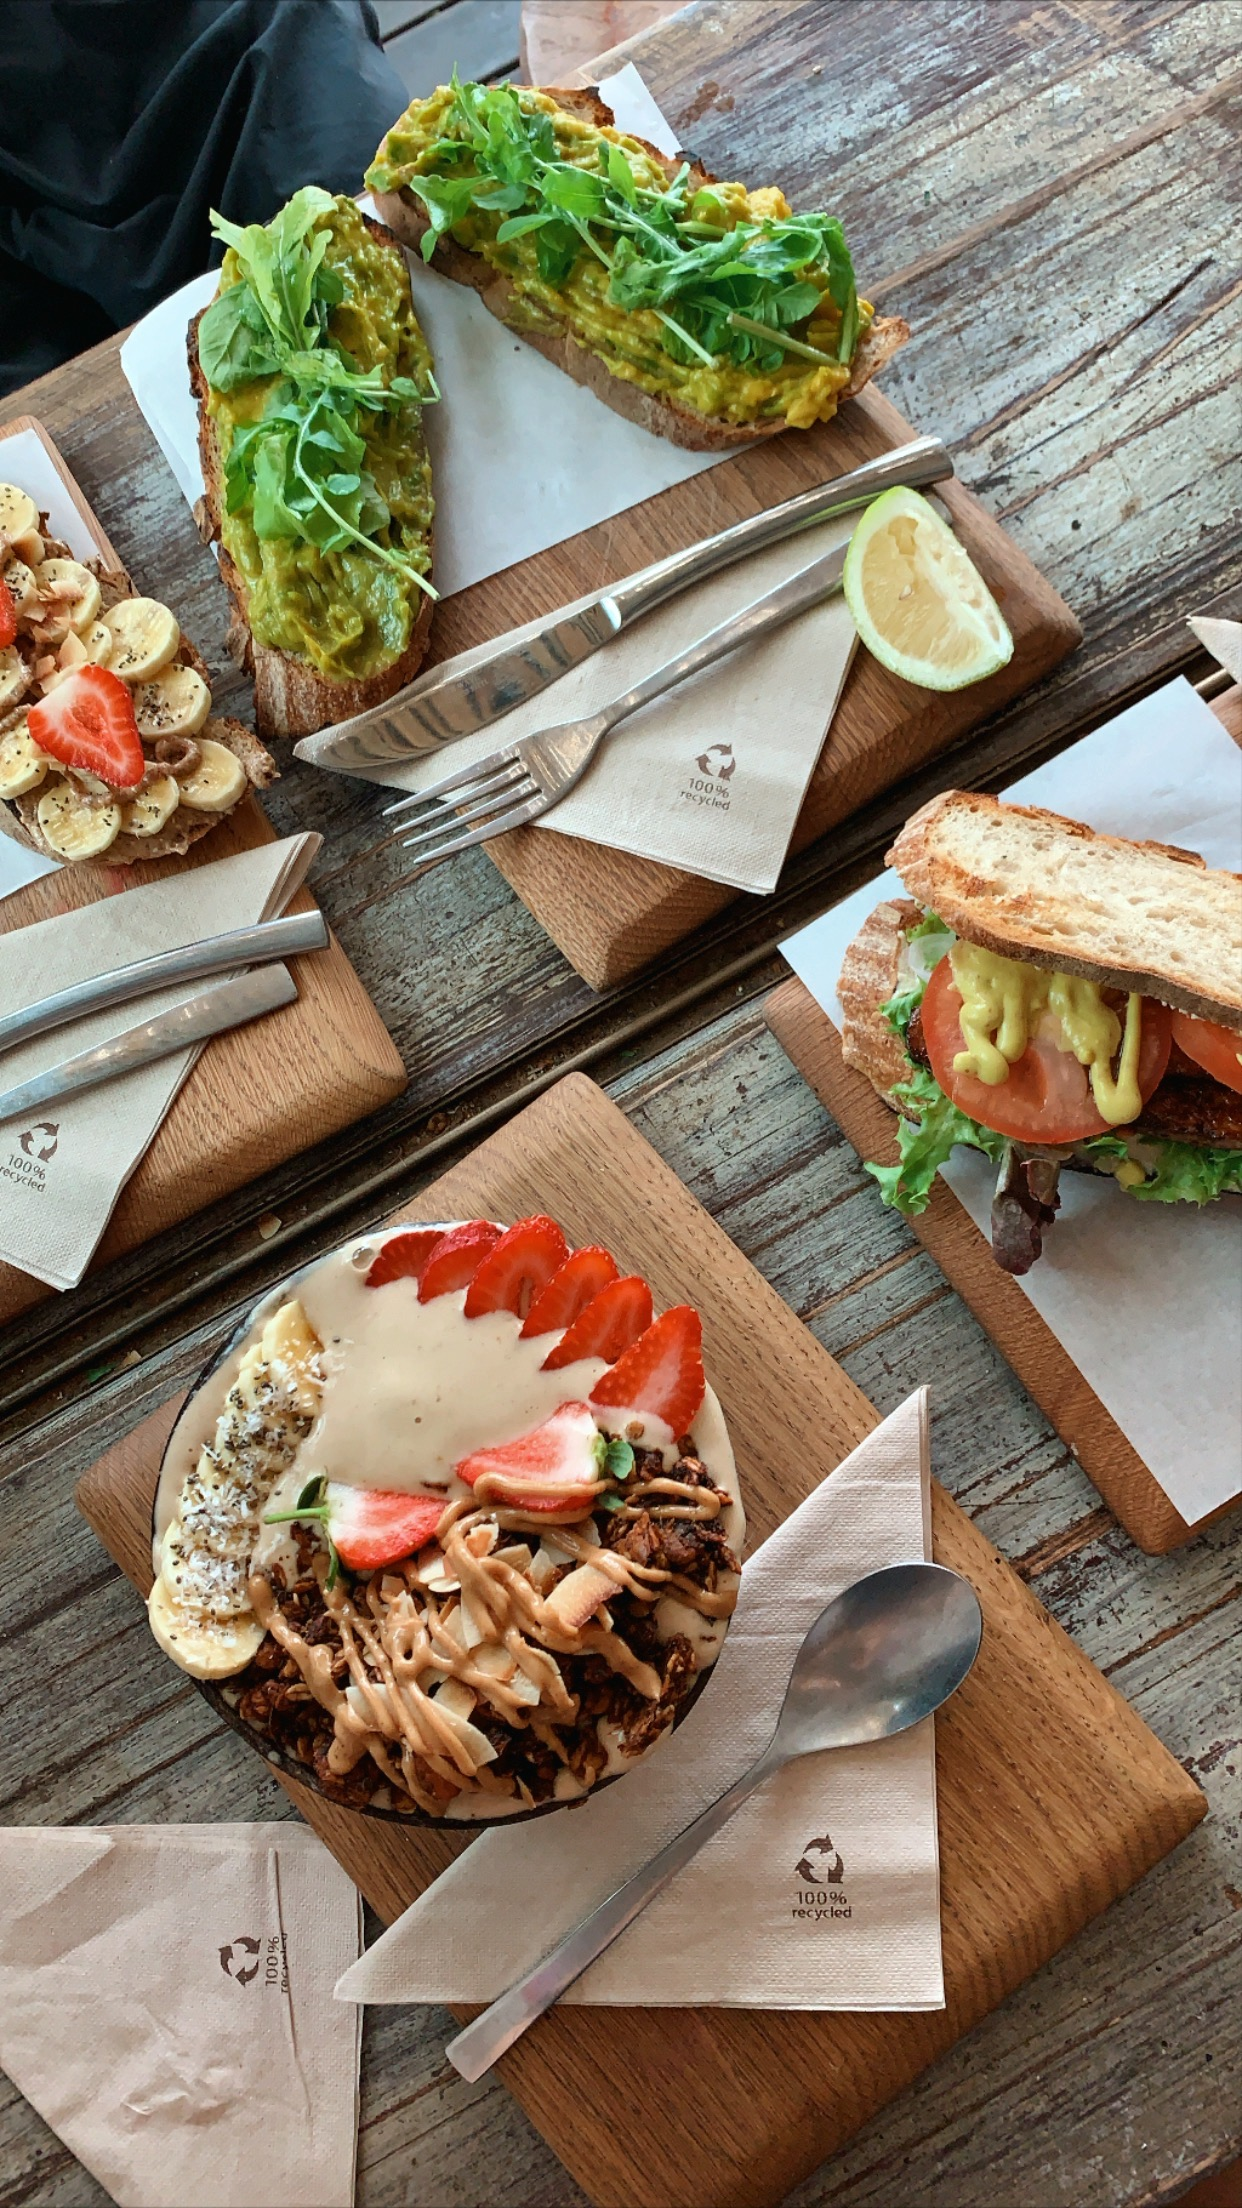 Cape Town Vegan Food Guide